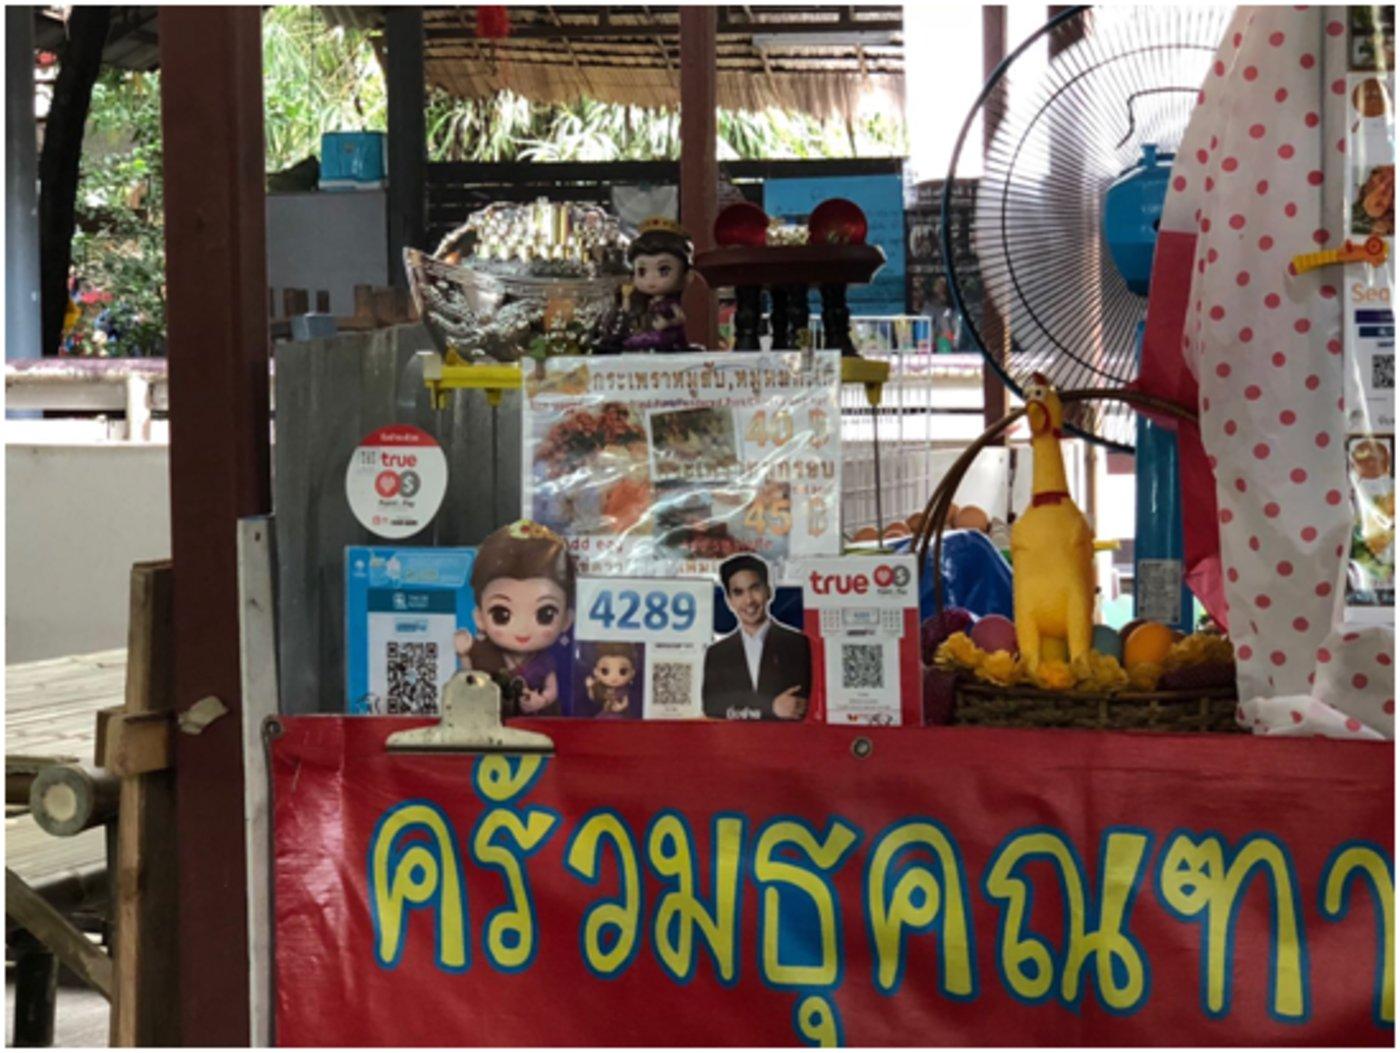 鲜少发现SCB、TrueMoney一起的兼容二维码推广,摄于曼谷郊外集市